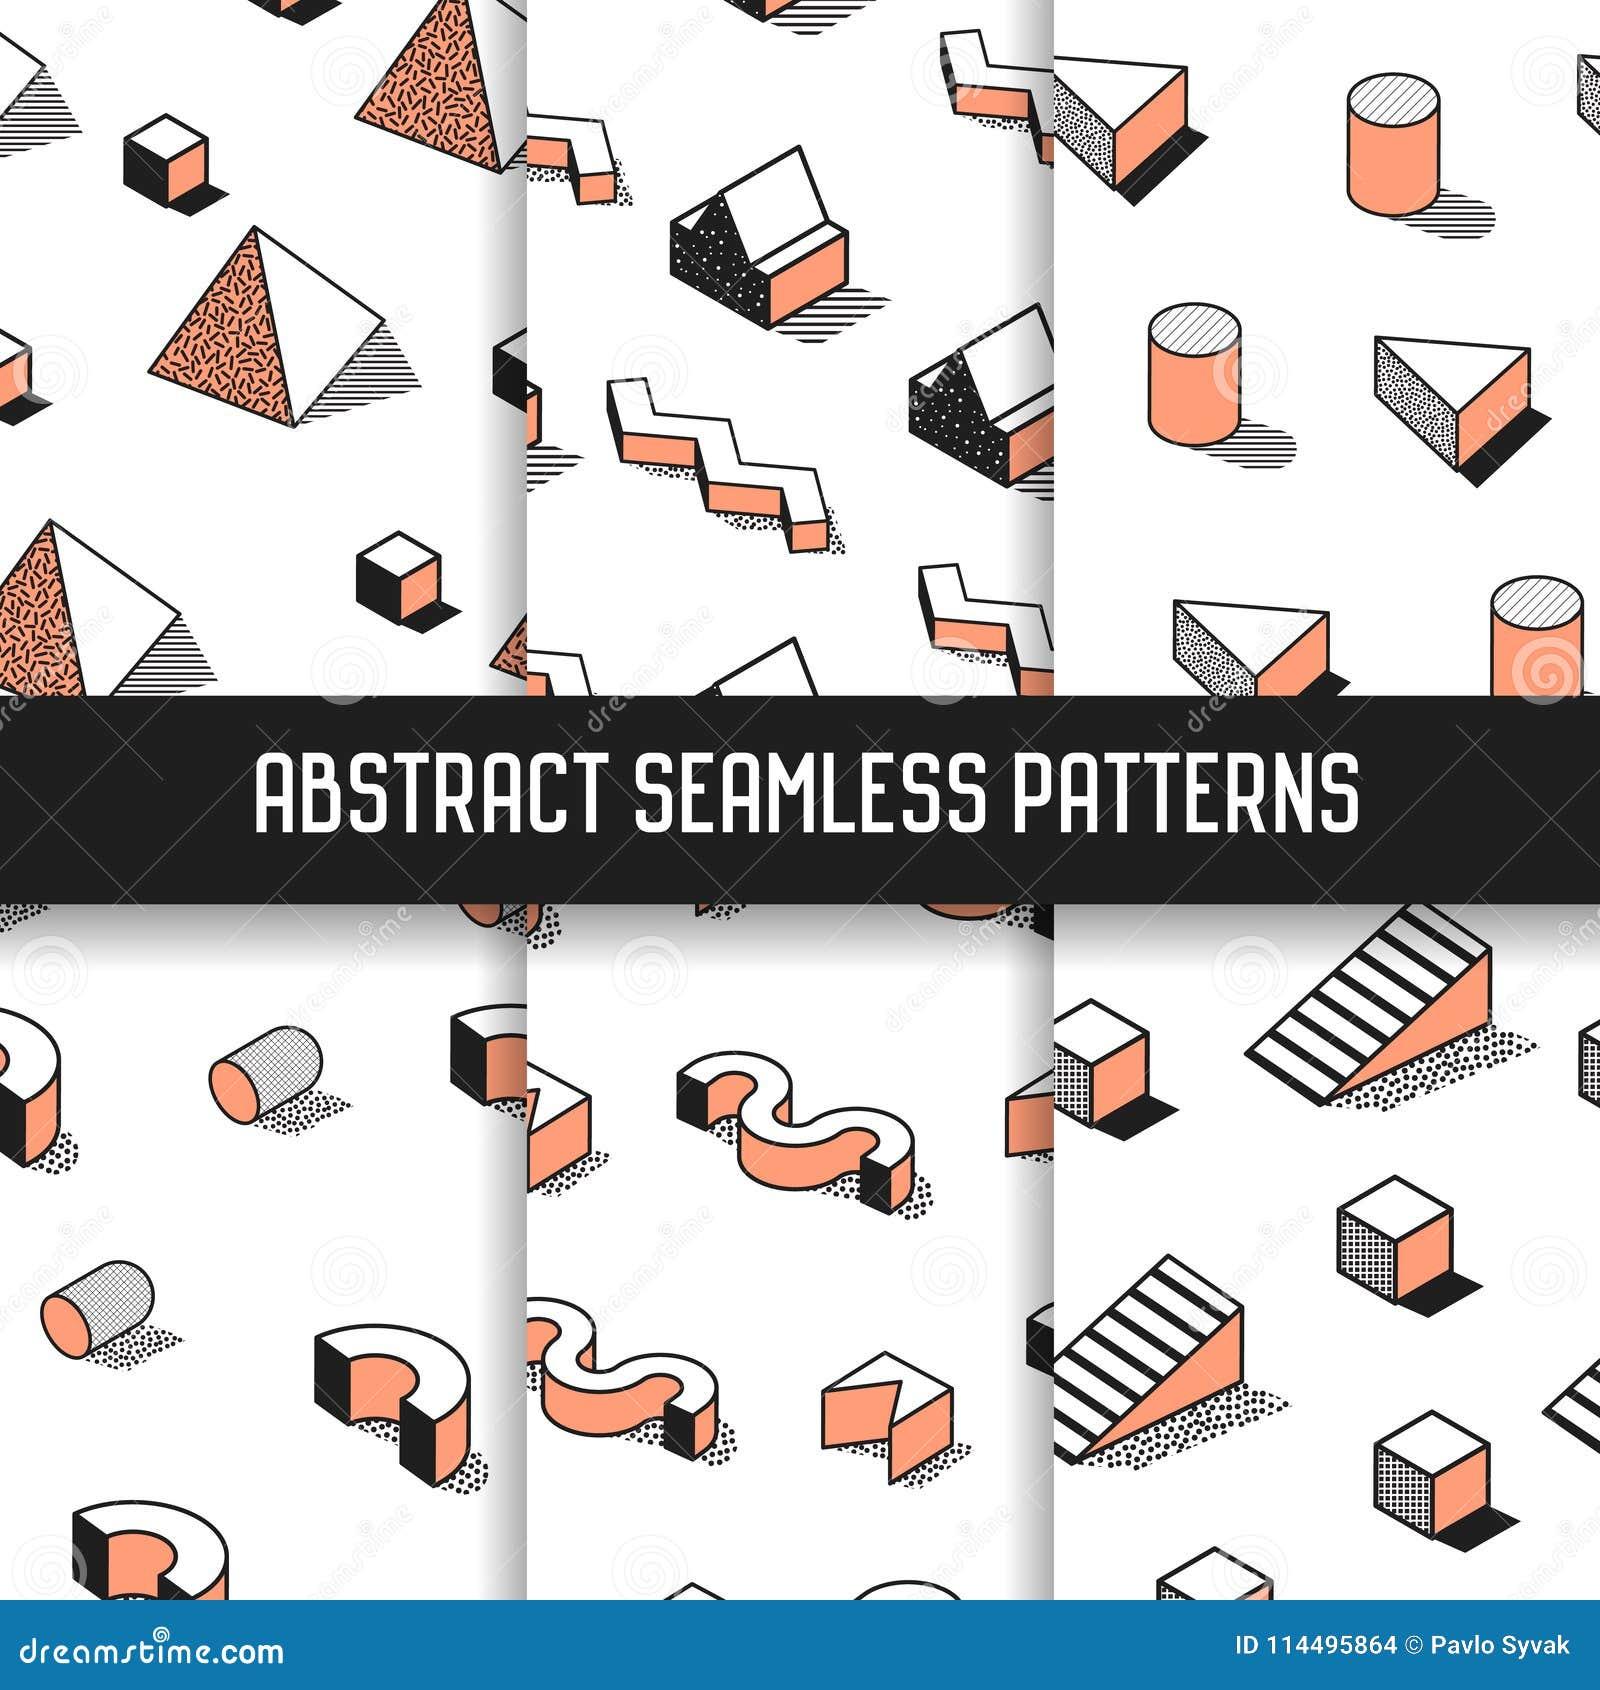 Memphis Style Abstract Seamless Patterns ajustou-se com elementos geométricos Fundos funky da forma do moderno 80s-90s